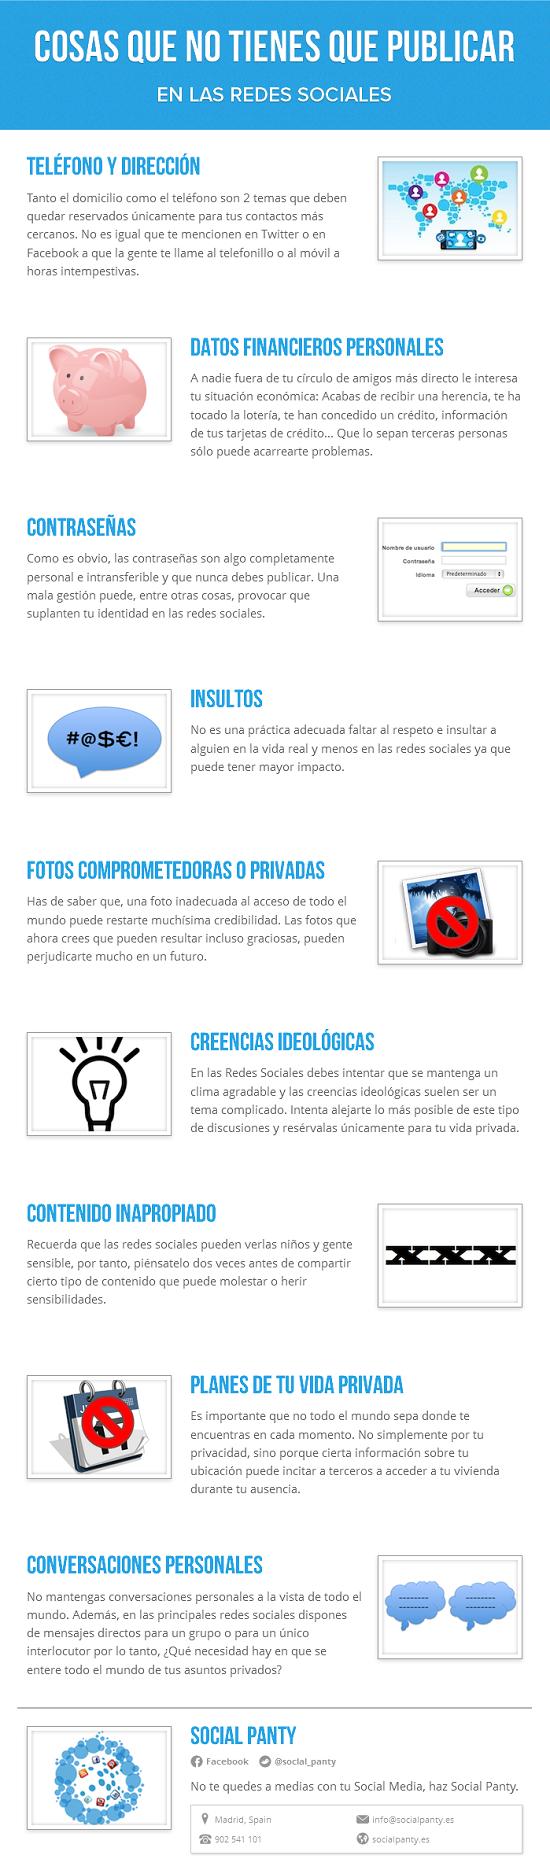 30 Ideas De Identidad Digital Identidad Digitales Competencias Digitales